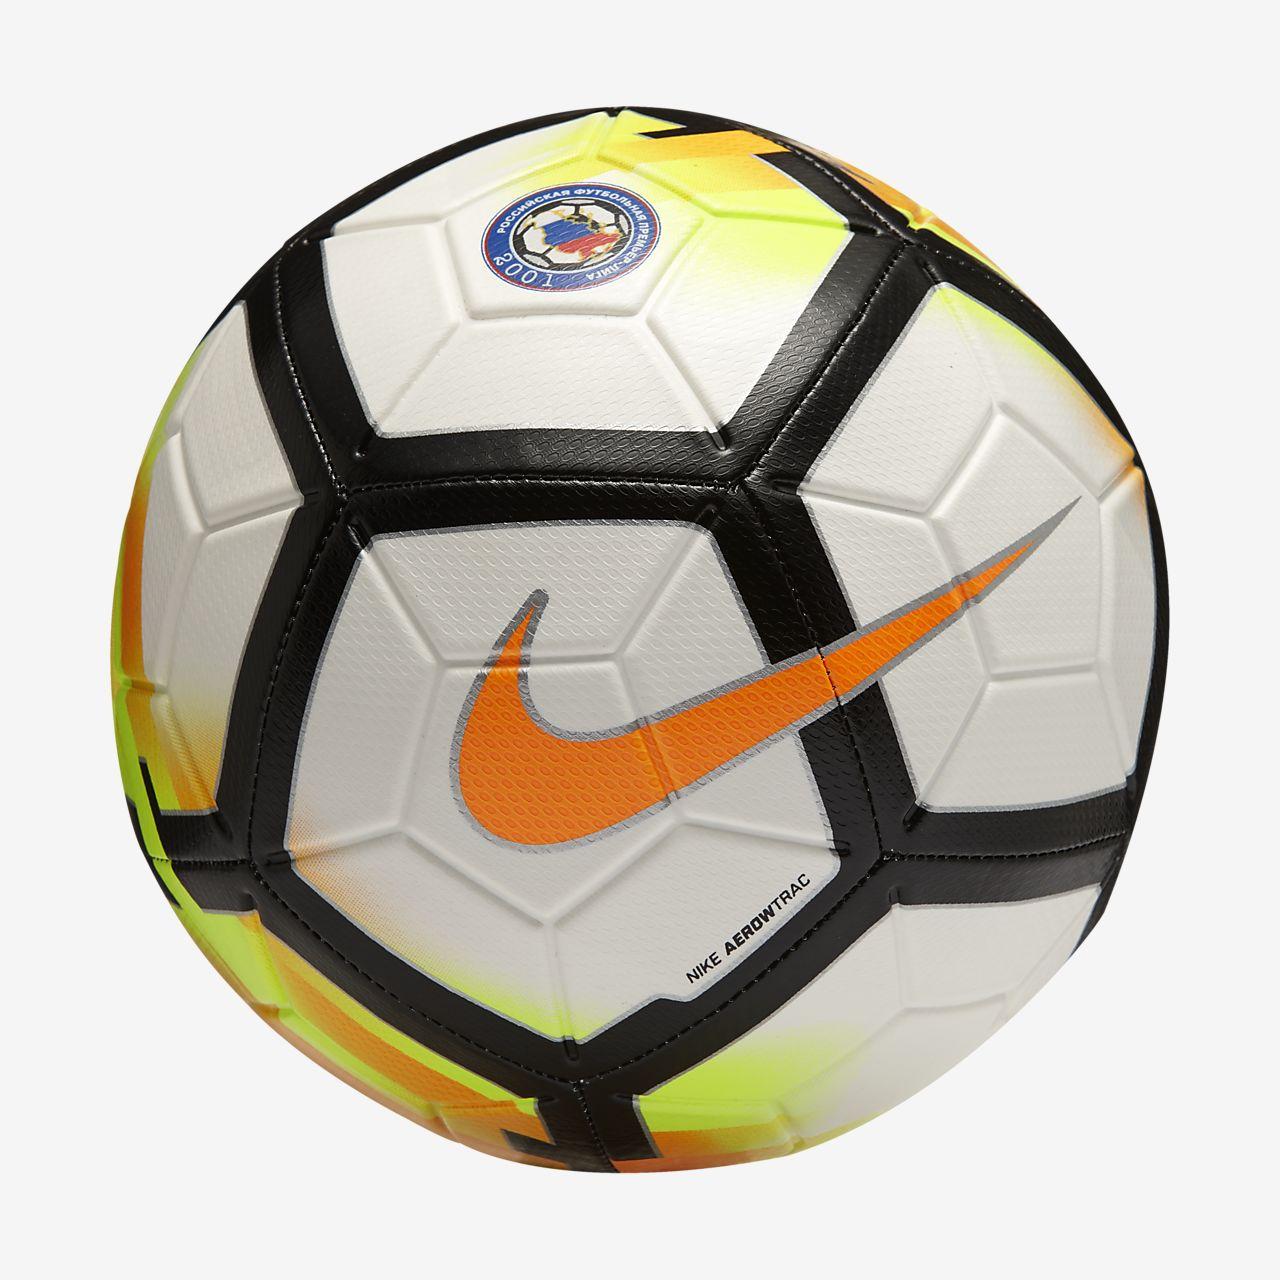 64dbaa46f23ec Pelota de fútbol Nike Strike RPL. Nike.com CL